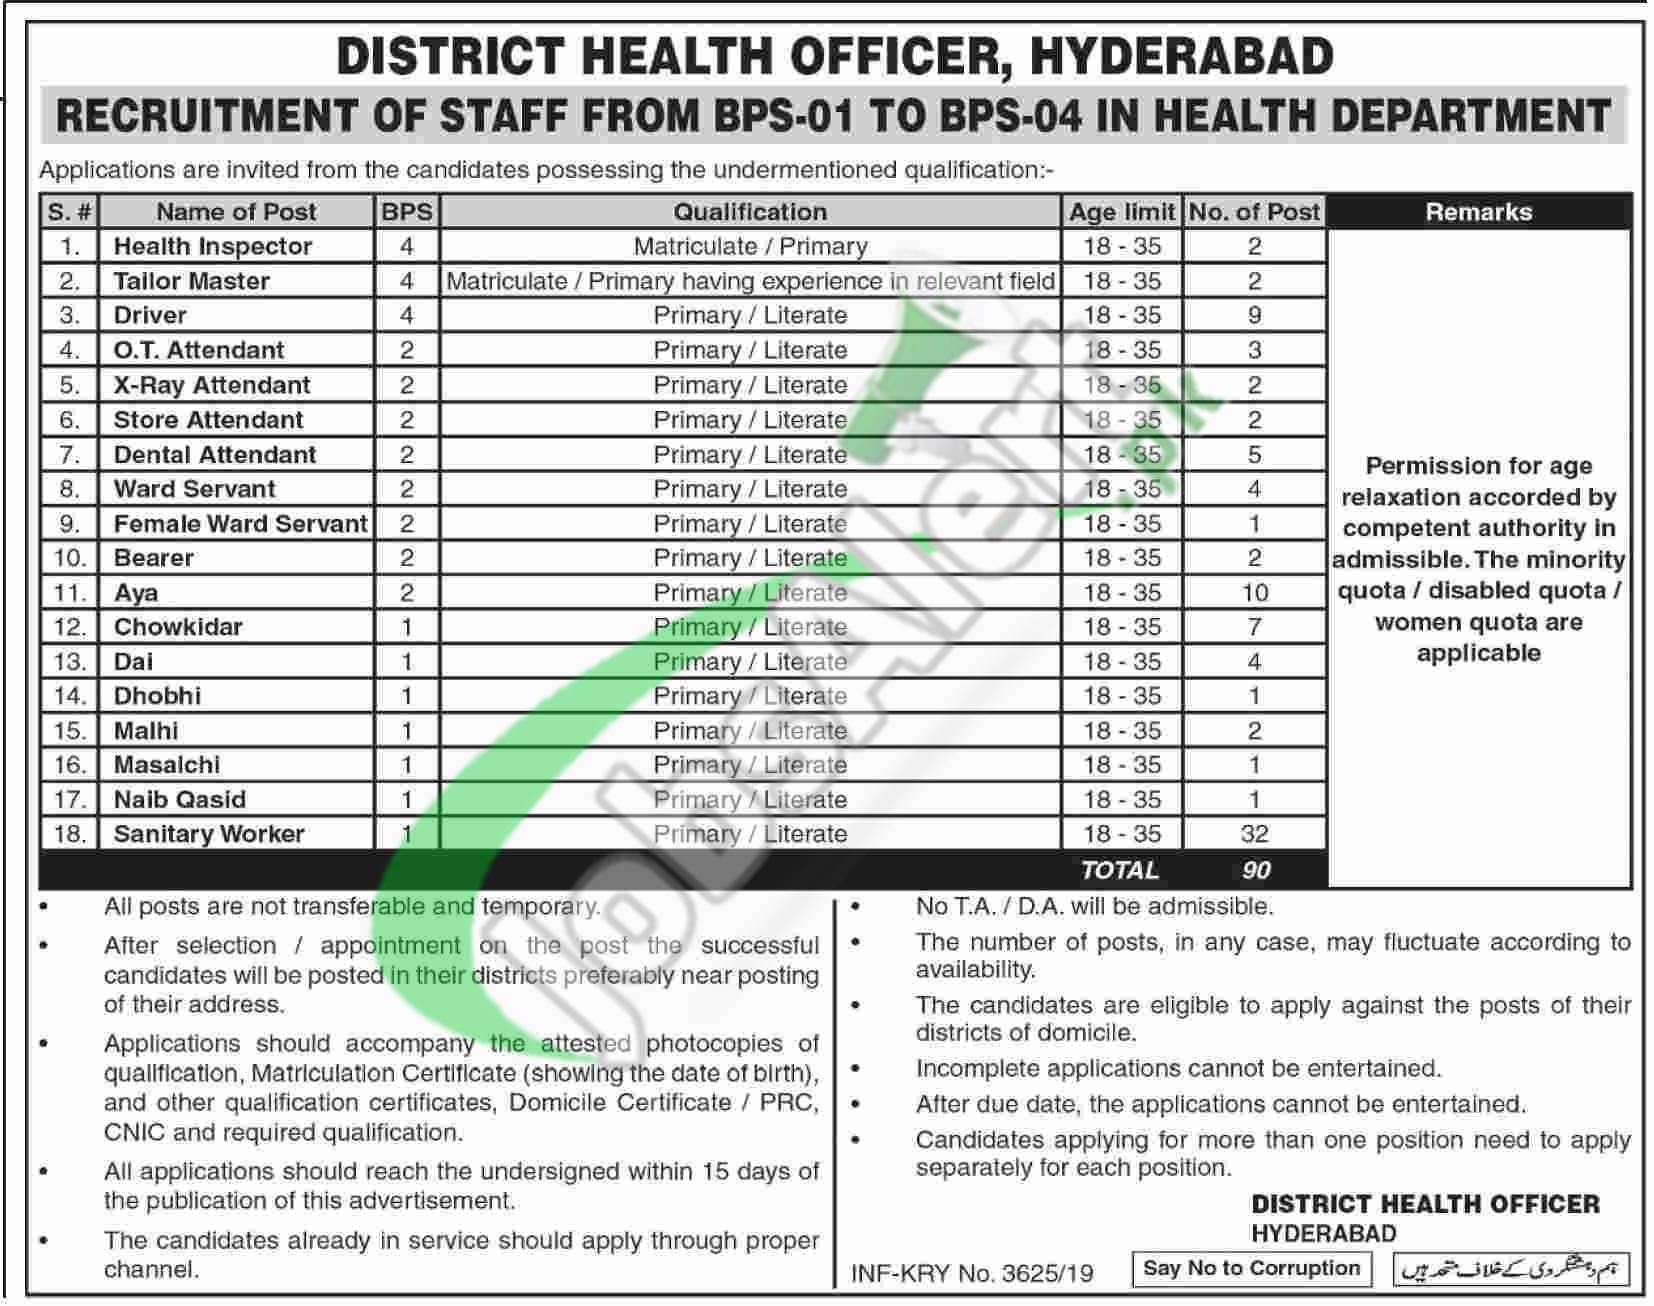 Health Department Hyderabad Jobs 2019